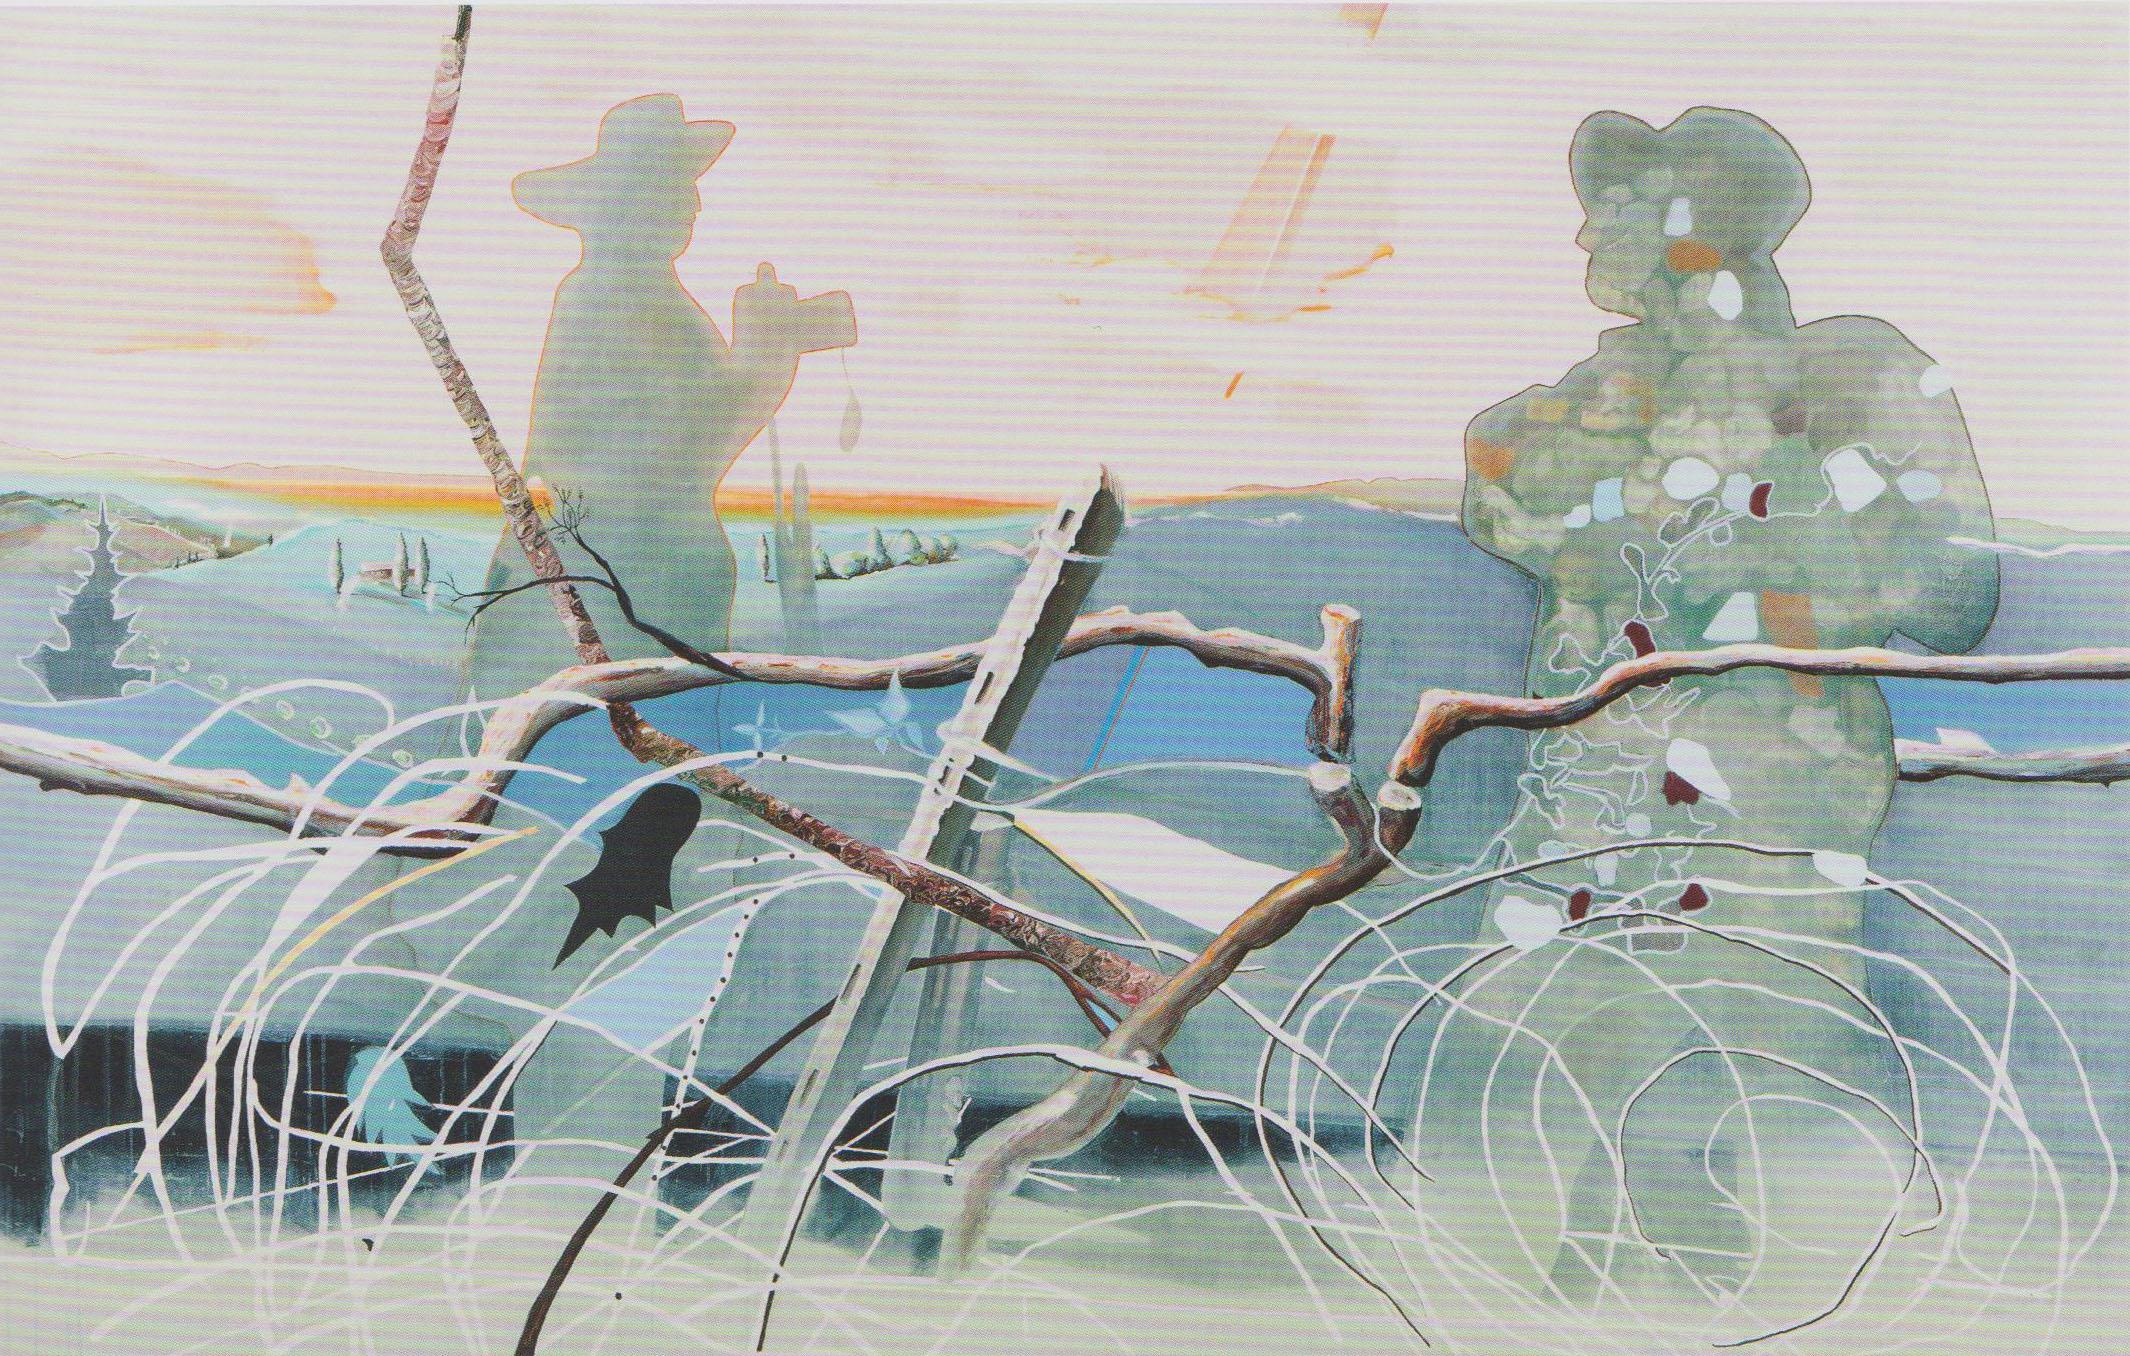 La Visione 2012 oil on canvas 160x250cm